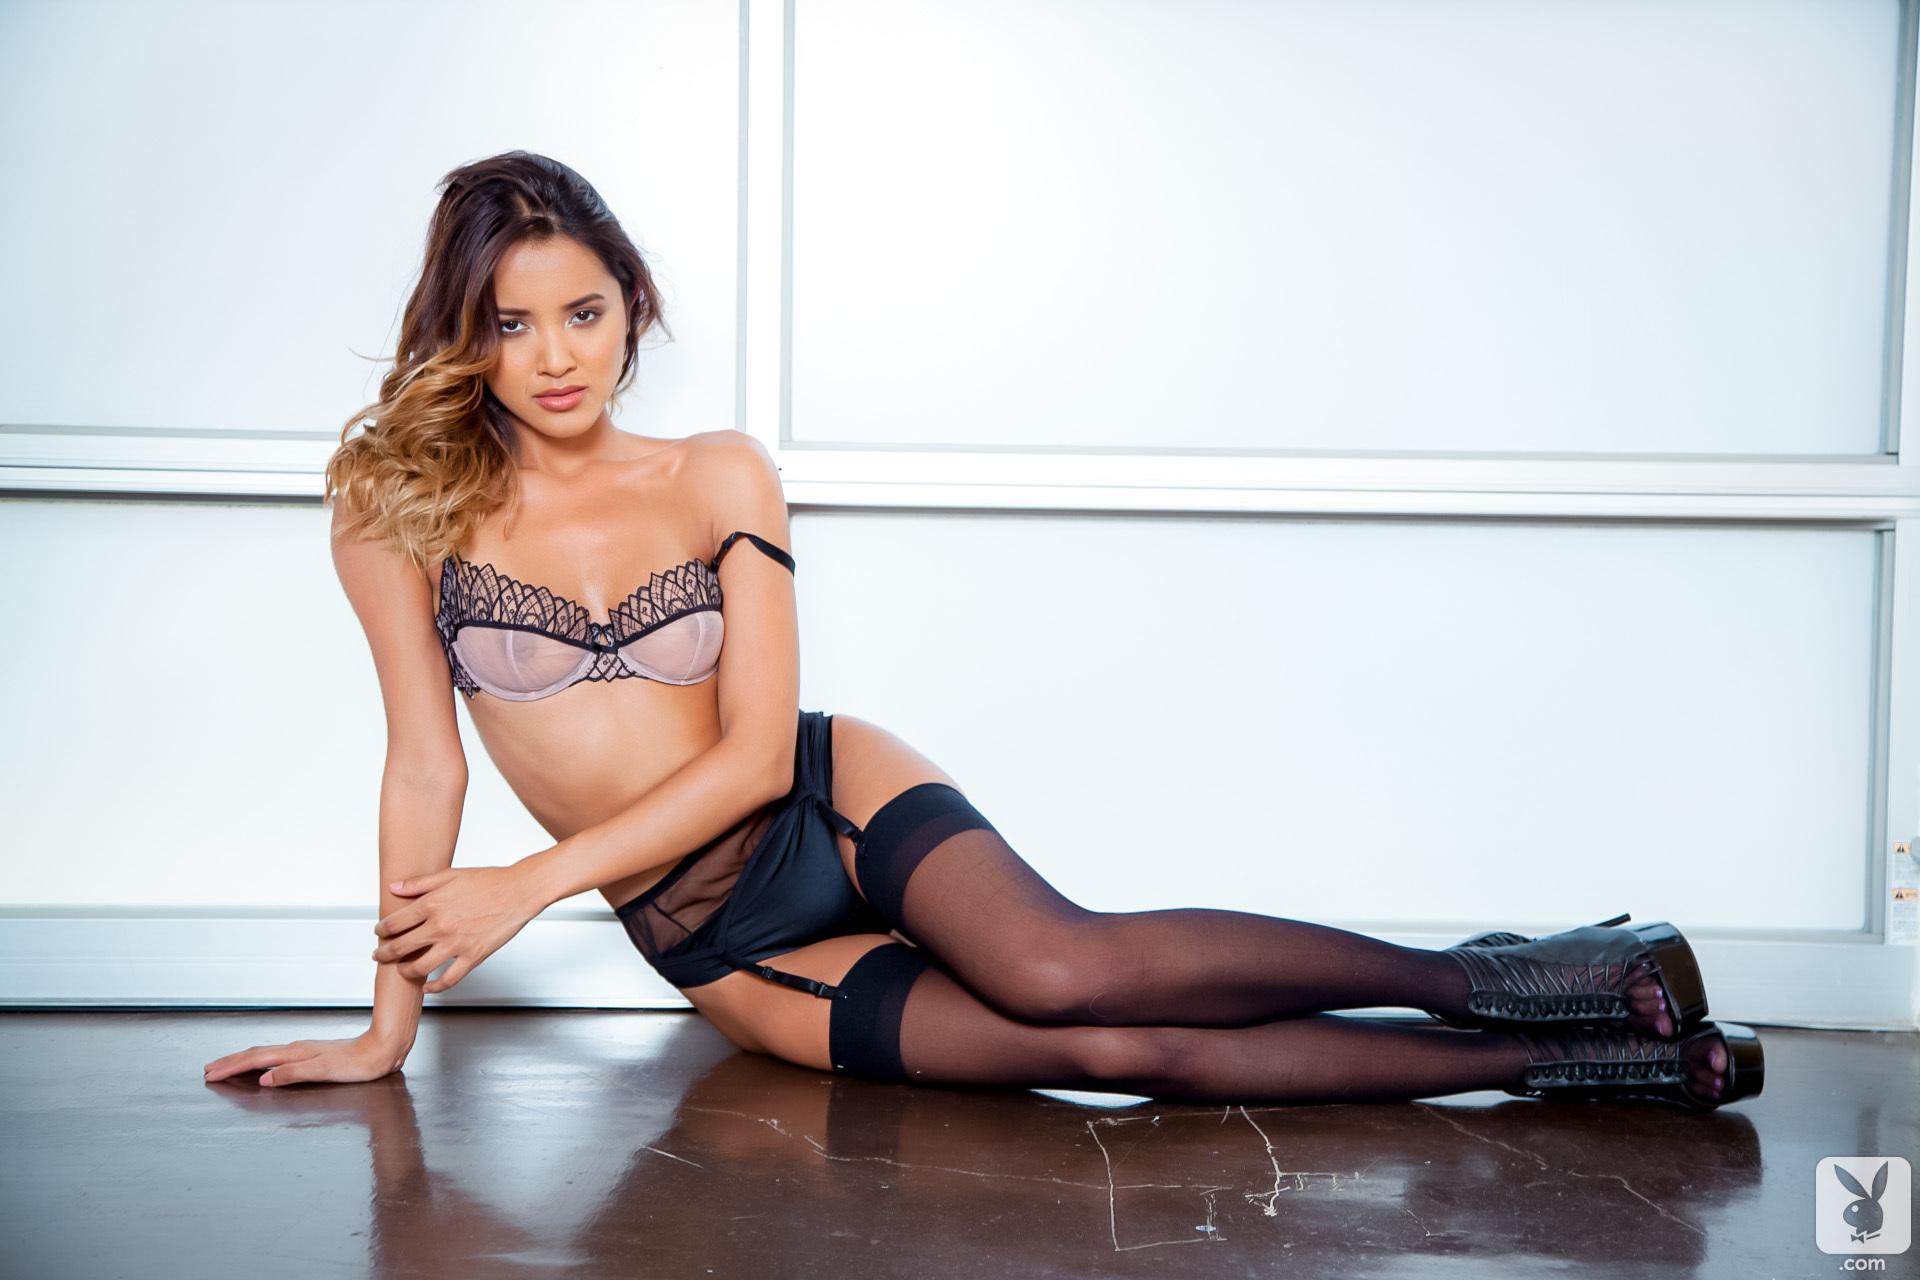 Cassandra Dawn in lingerie